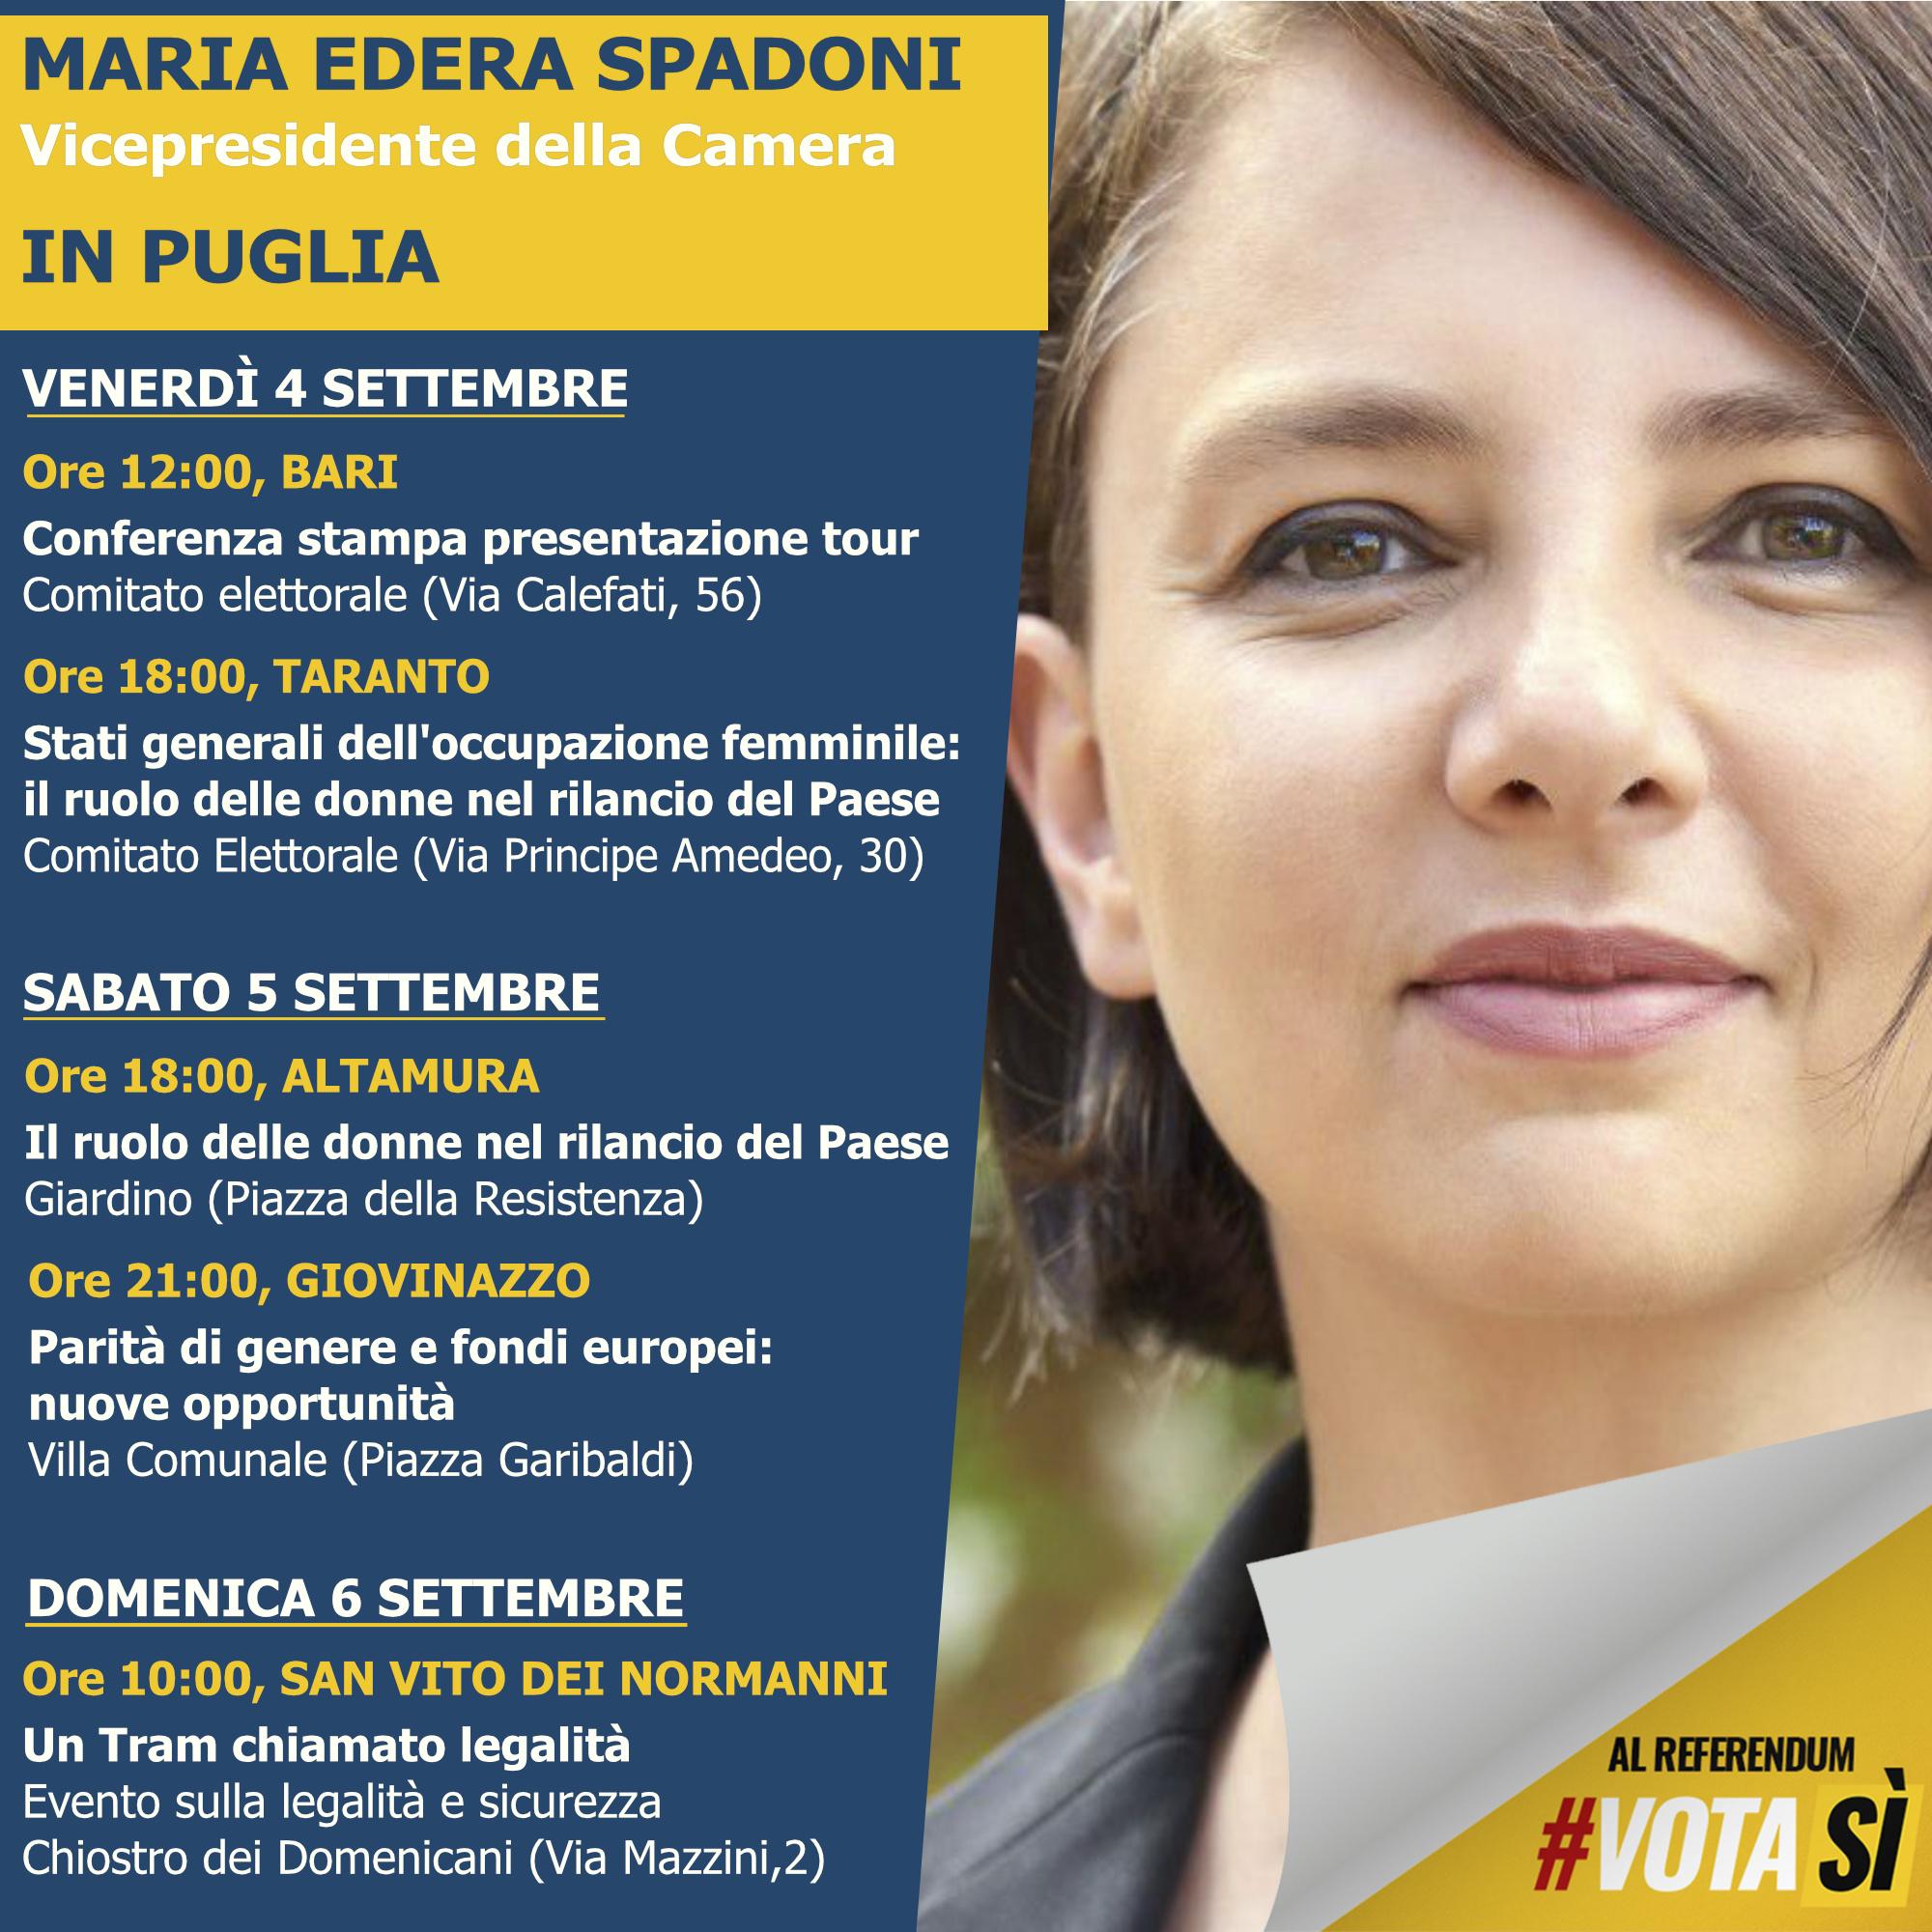 tour in puglia MARIA EDERA SPADONI, Vicepresidente della Camera